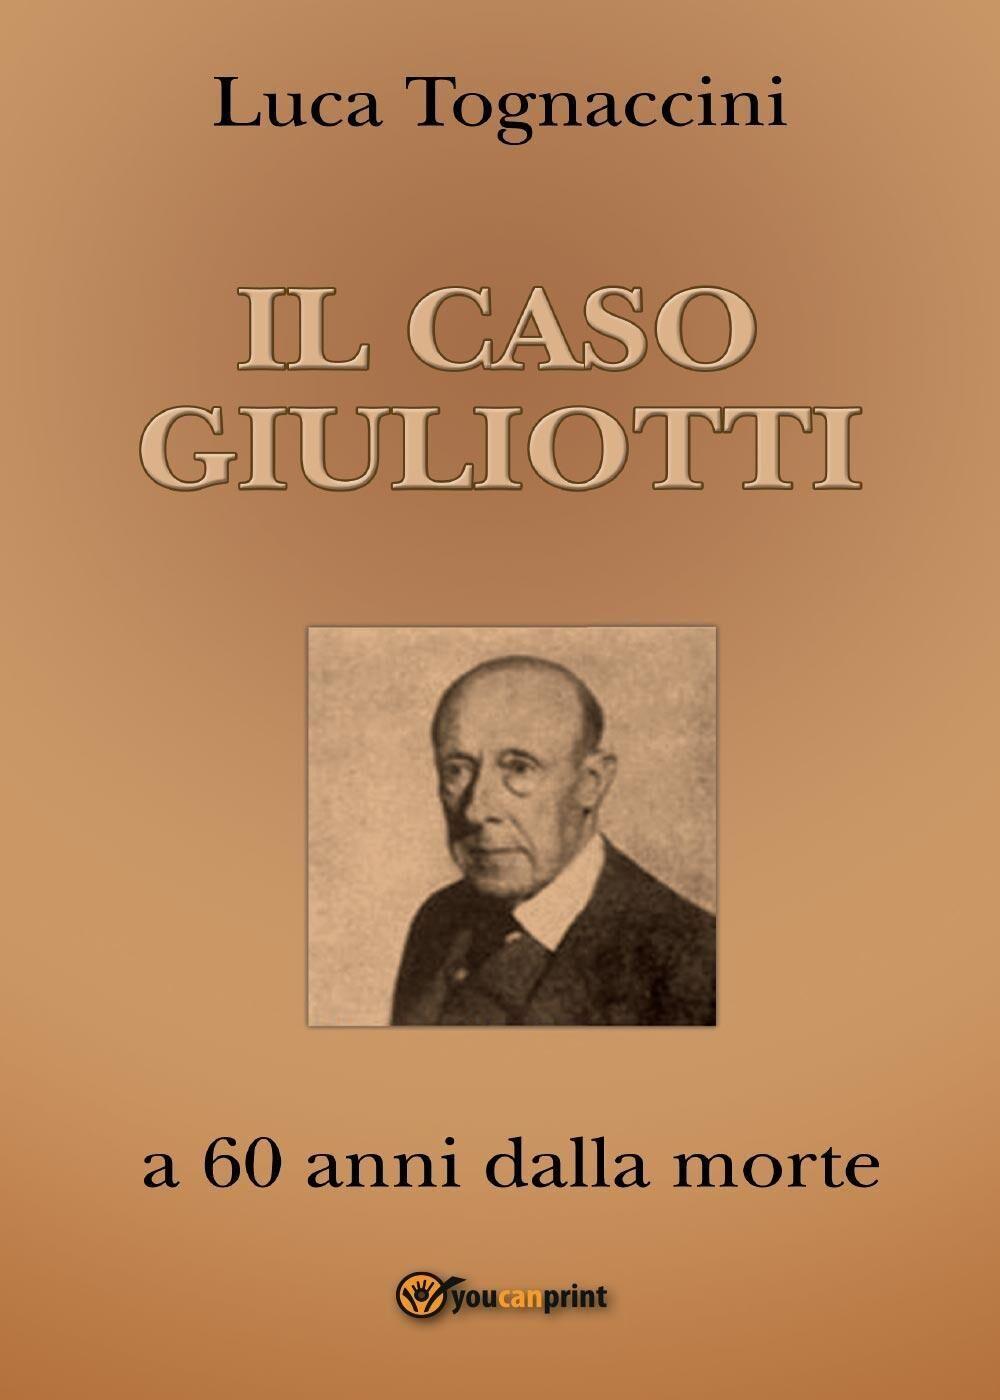 Il Caso Giuliotti (a 60 anni dalla morte)